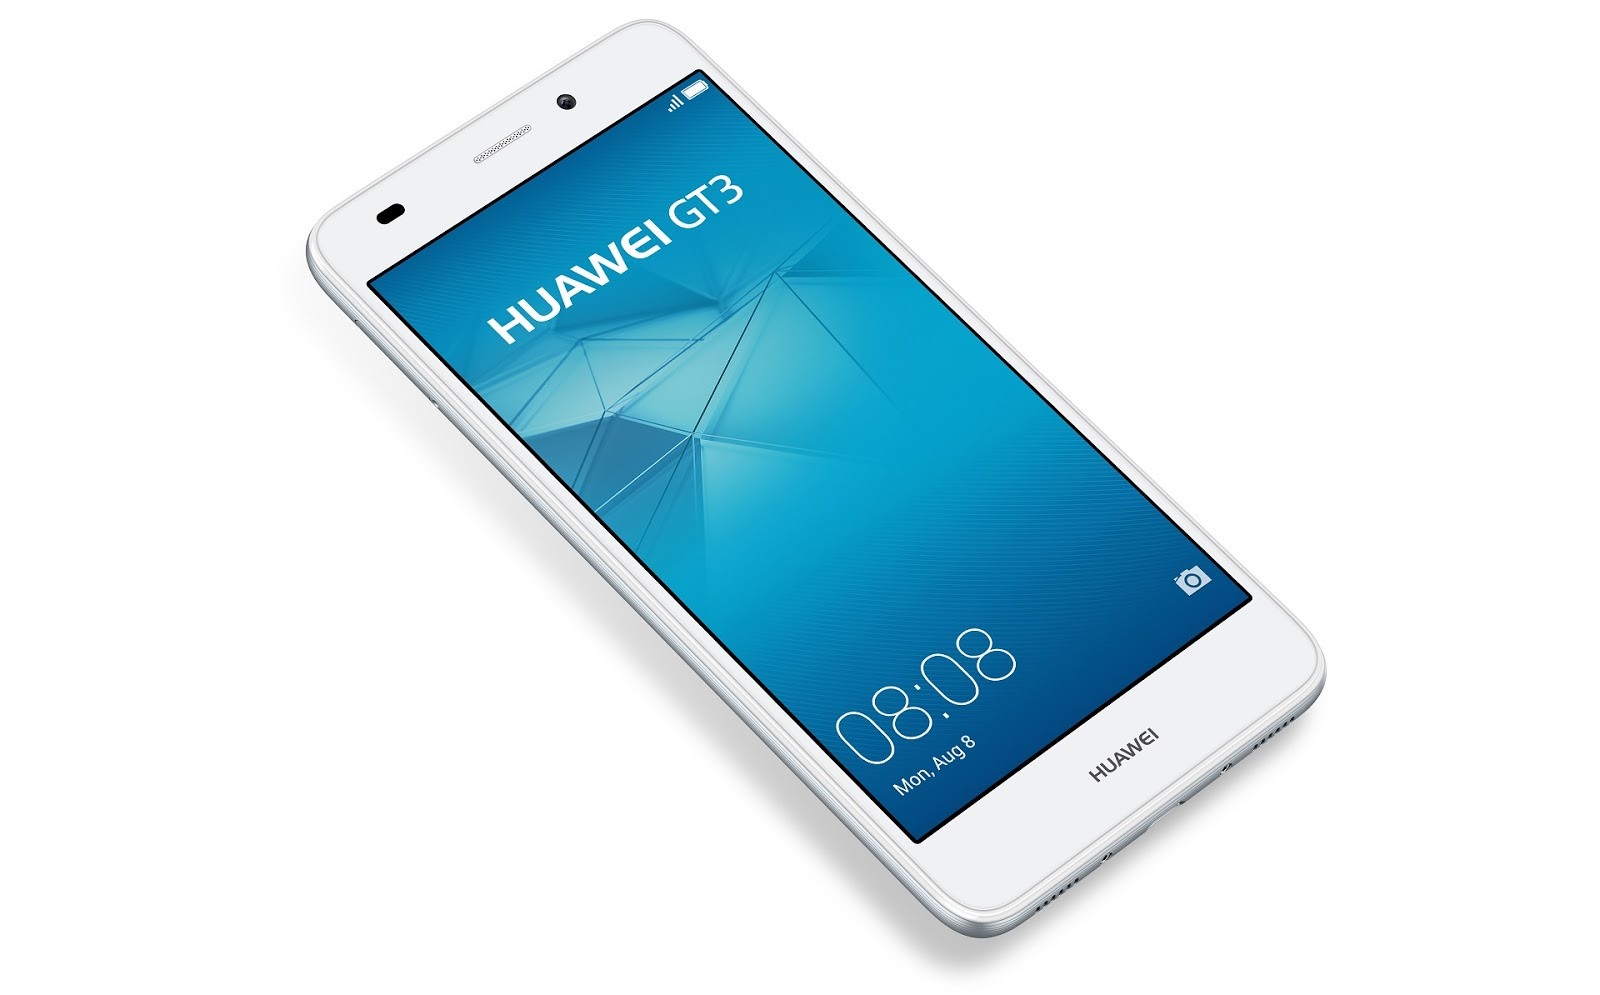 Come personalizzare Huawei GT3